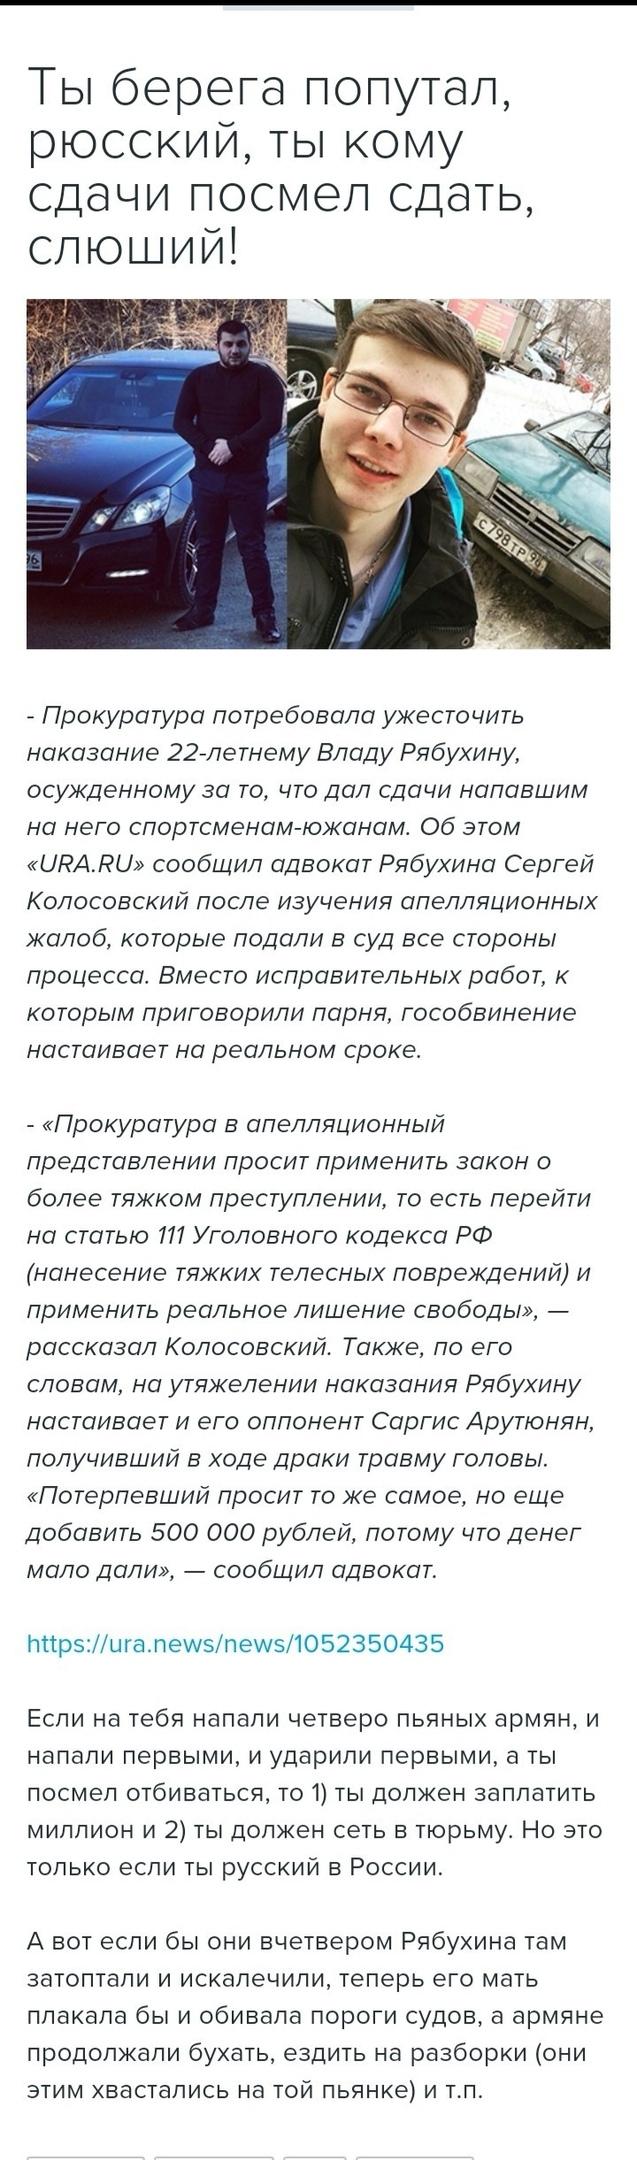 Противостояние русской справедливости и армянской наглости